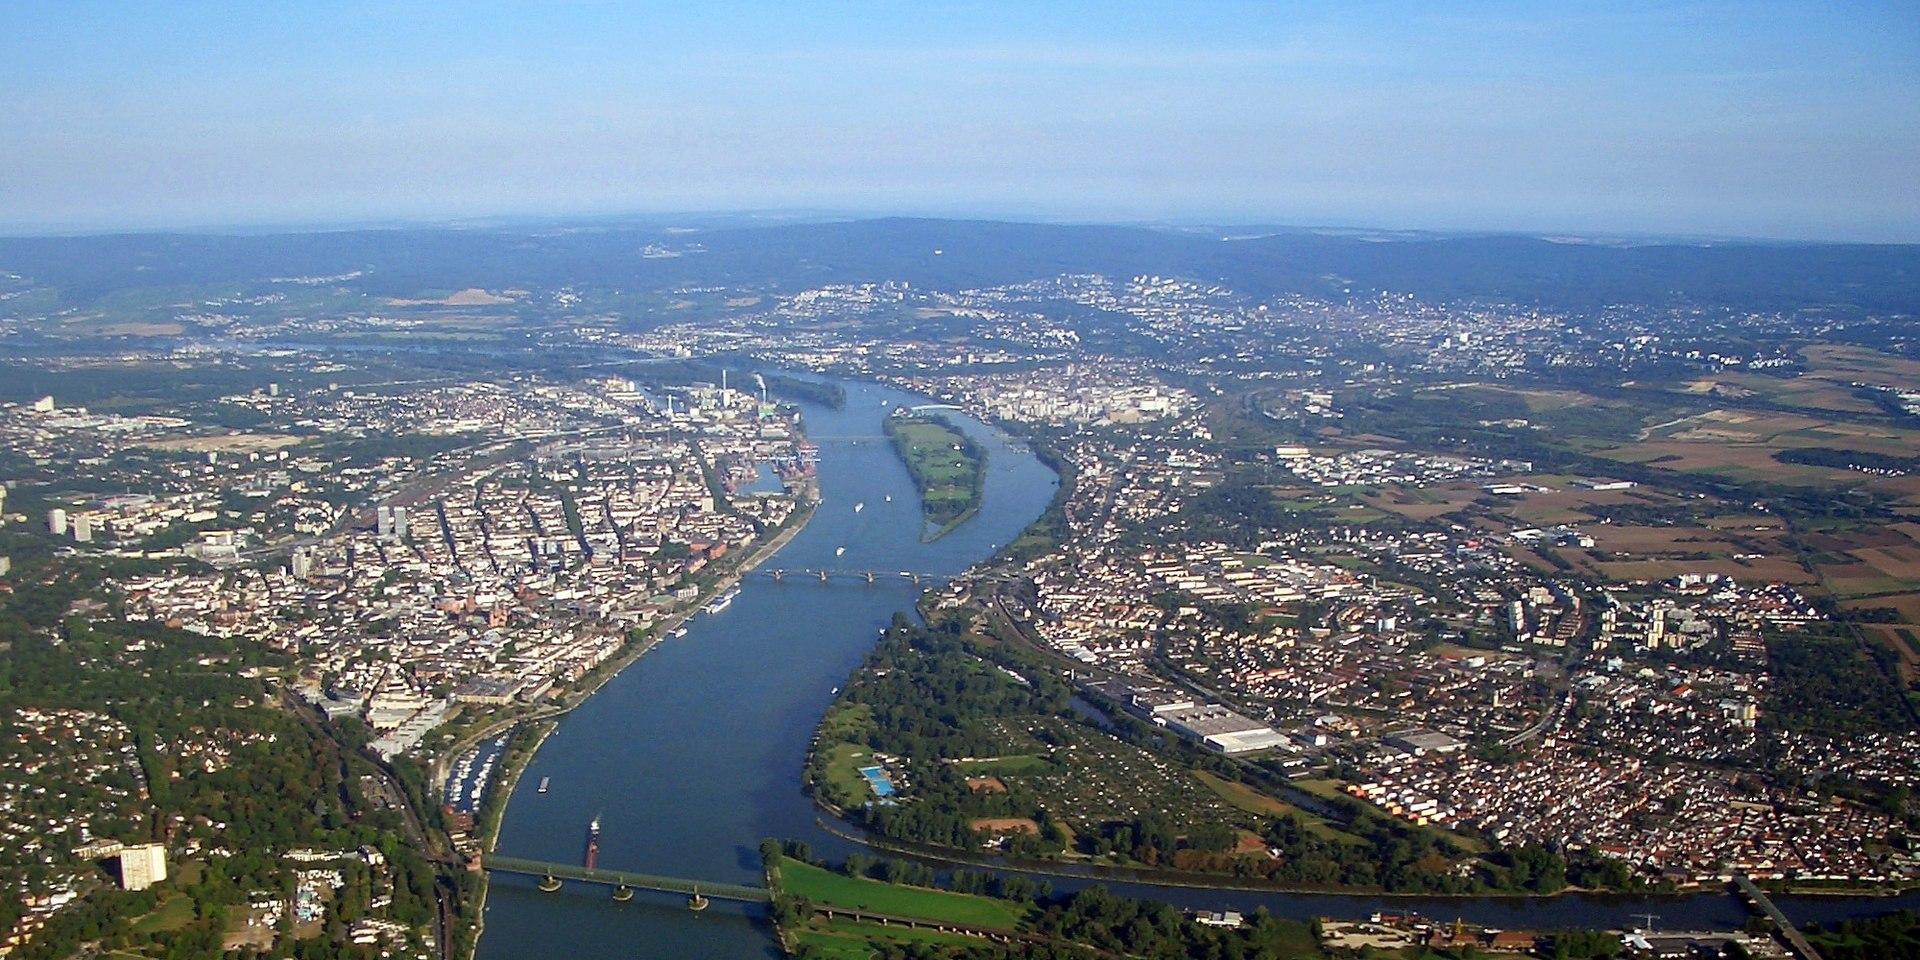 WIRD VERLEGT: MZ-Tour: Was läßt sich von Mainz lernen?